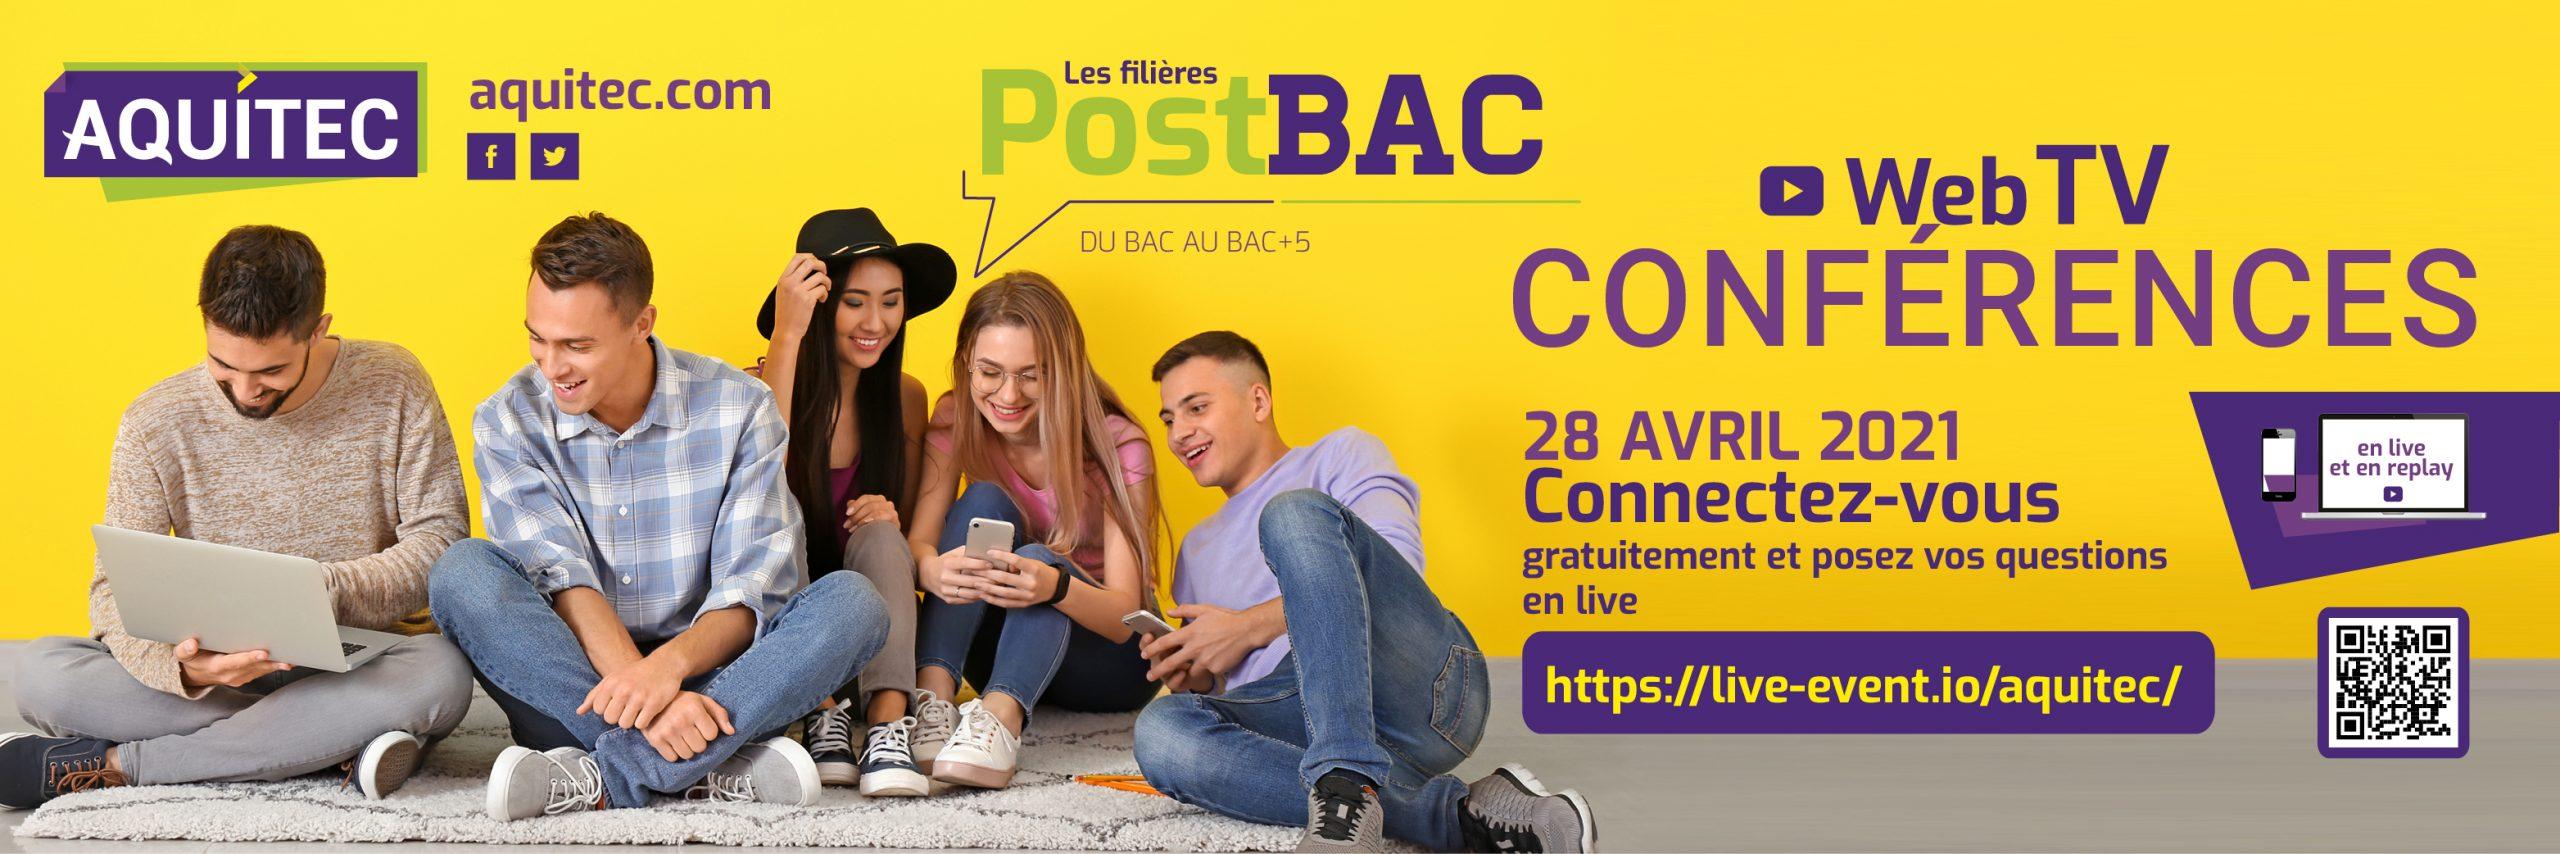 Web TV Conférences AQUITEC 28 avril